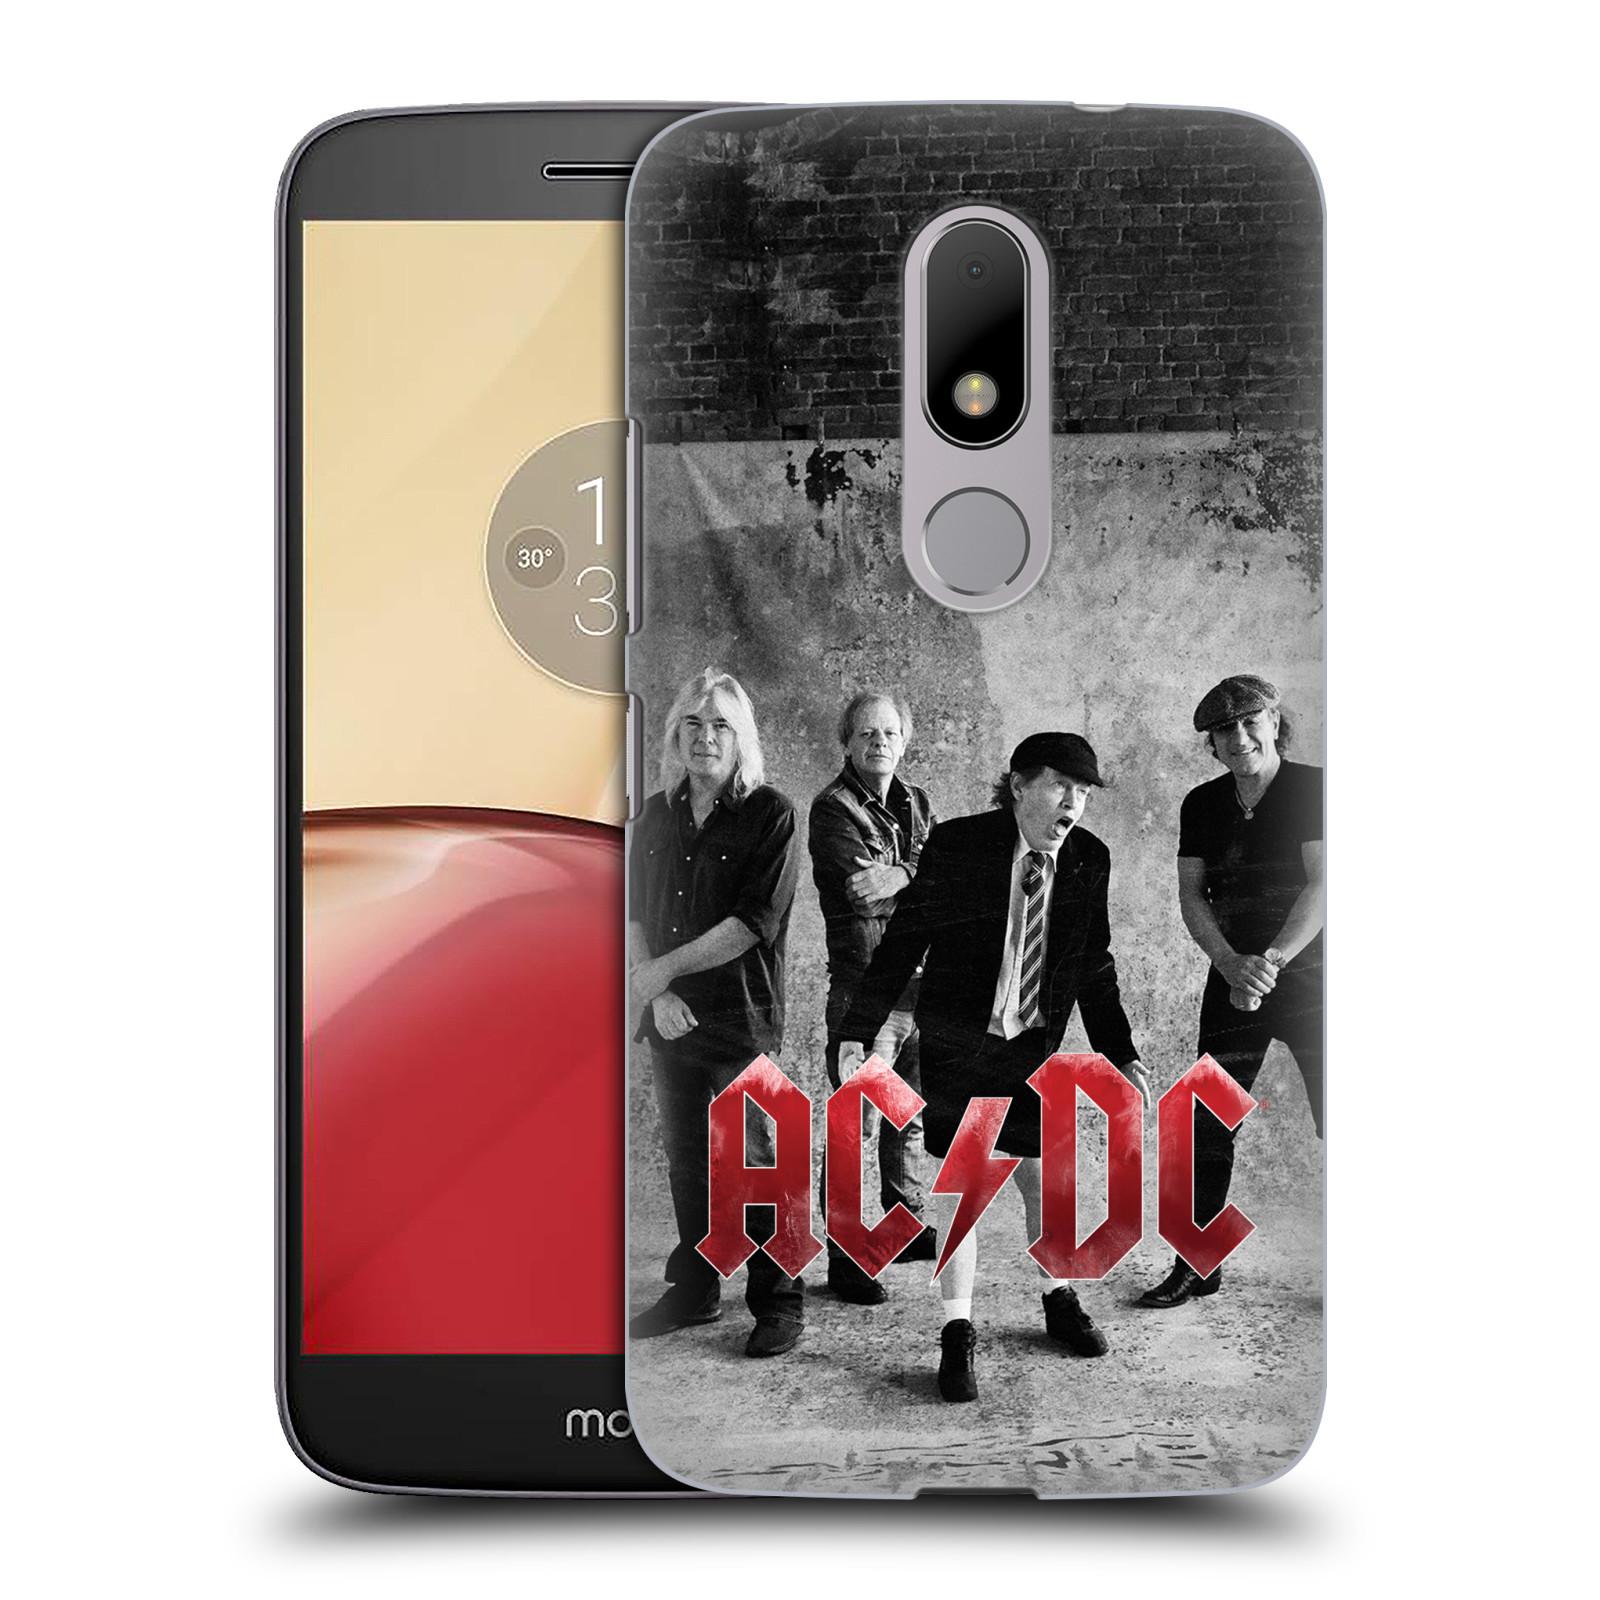 Plastové pouzdro na mobil Lenovo Moto M HEAD CASE AC/DC Skupina černobíle (Plastový kryt či obal na mobilní telefon s oficiálním motivem australské skupiny AC/DC pro Lenovo (Motorola) Moto M / Moto M Dual SIM)